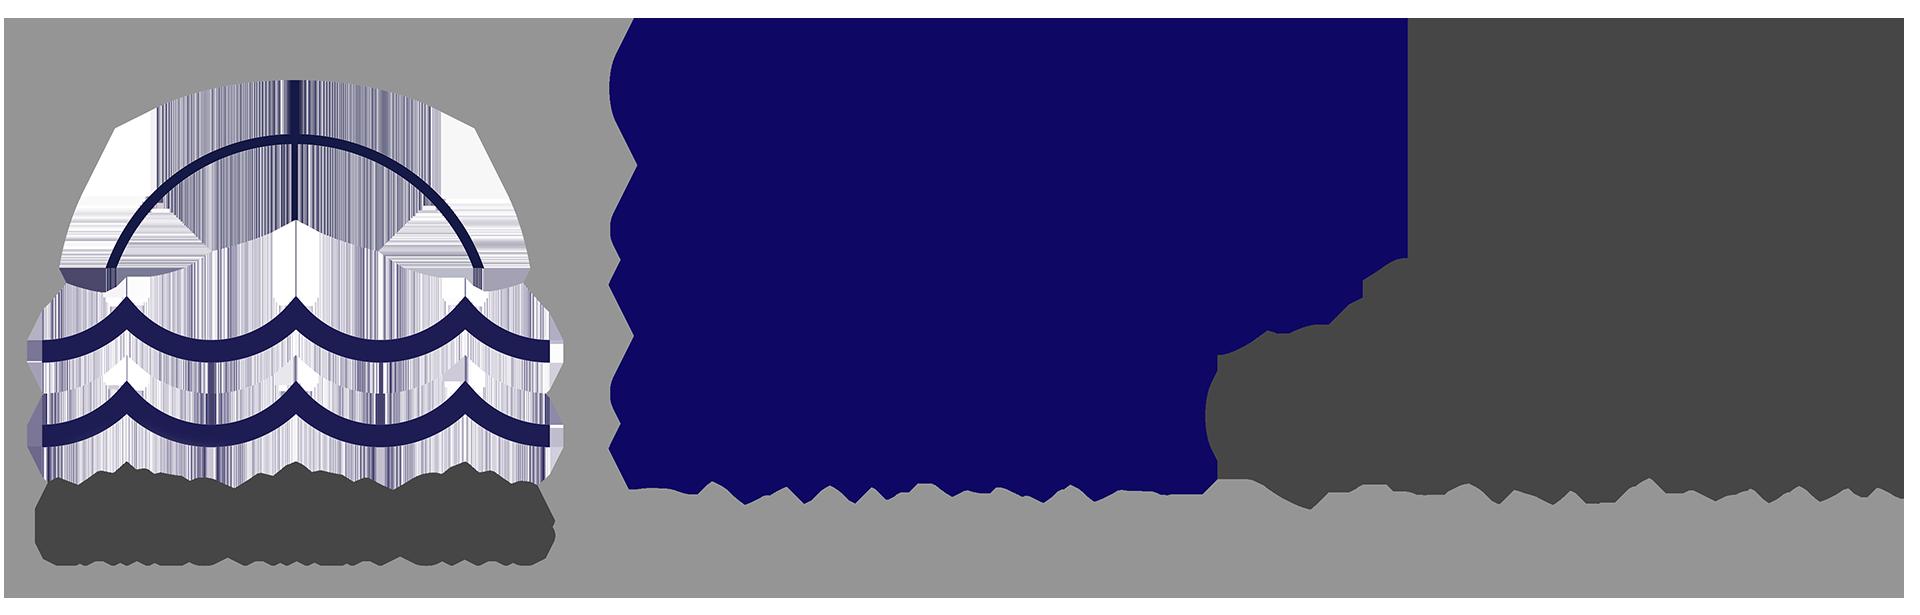 Clasen Stegner & Schiessl CPAs, Ltd.